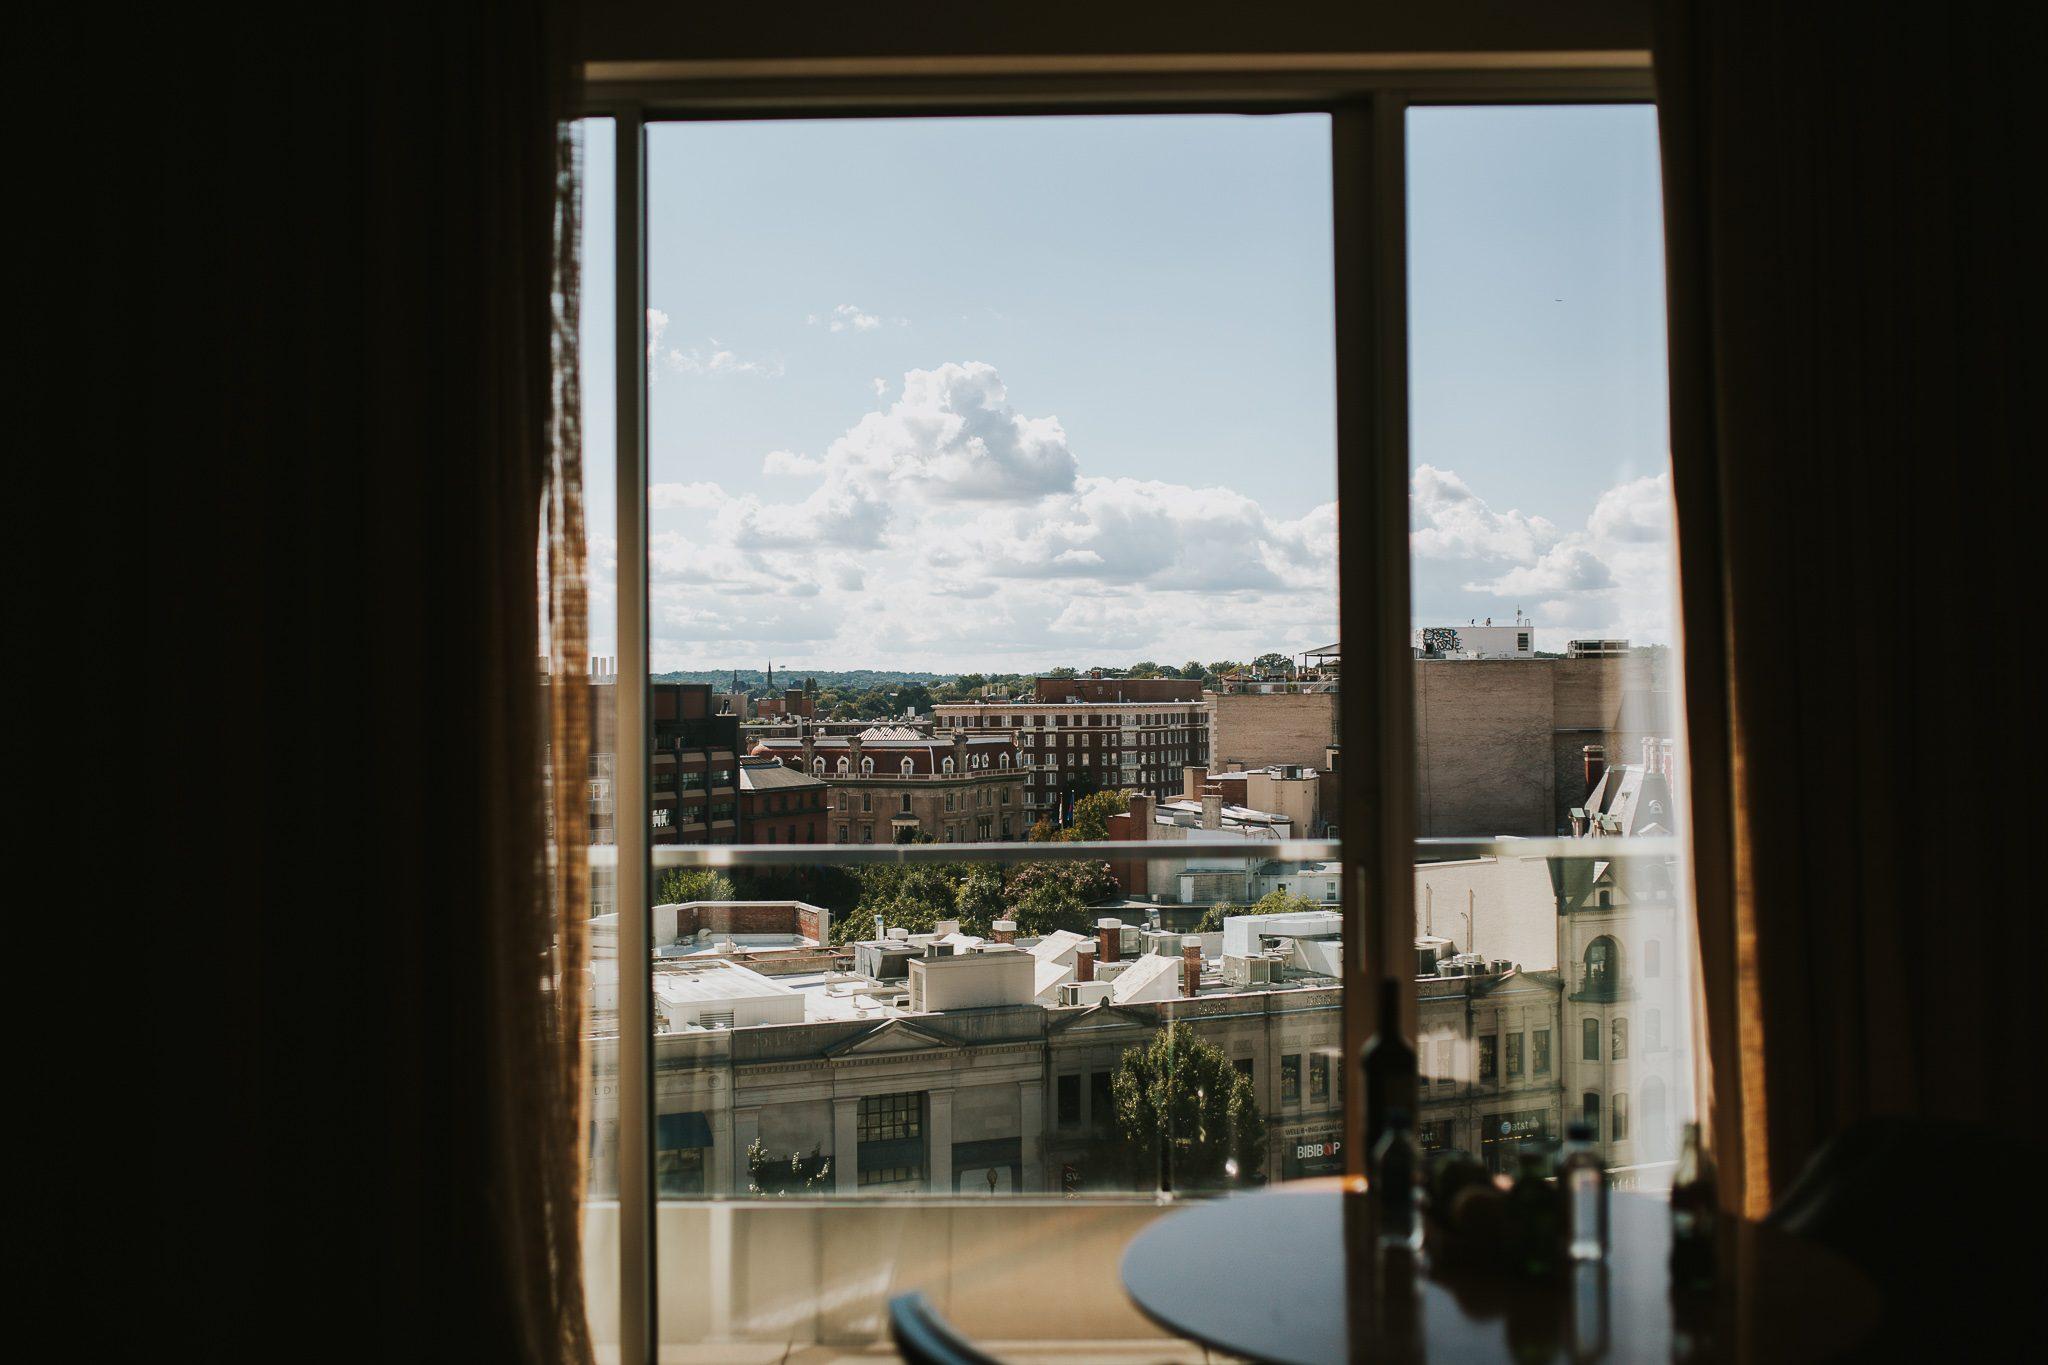 The Dupont Circle hotel 1500 New Hampshire Ave NW Washington, DC 20036